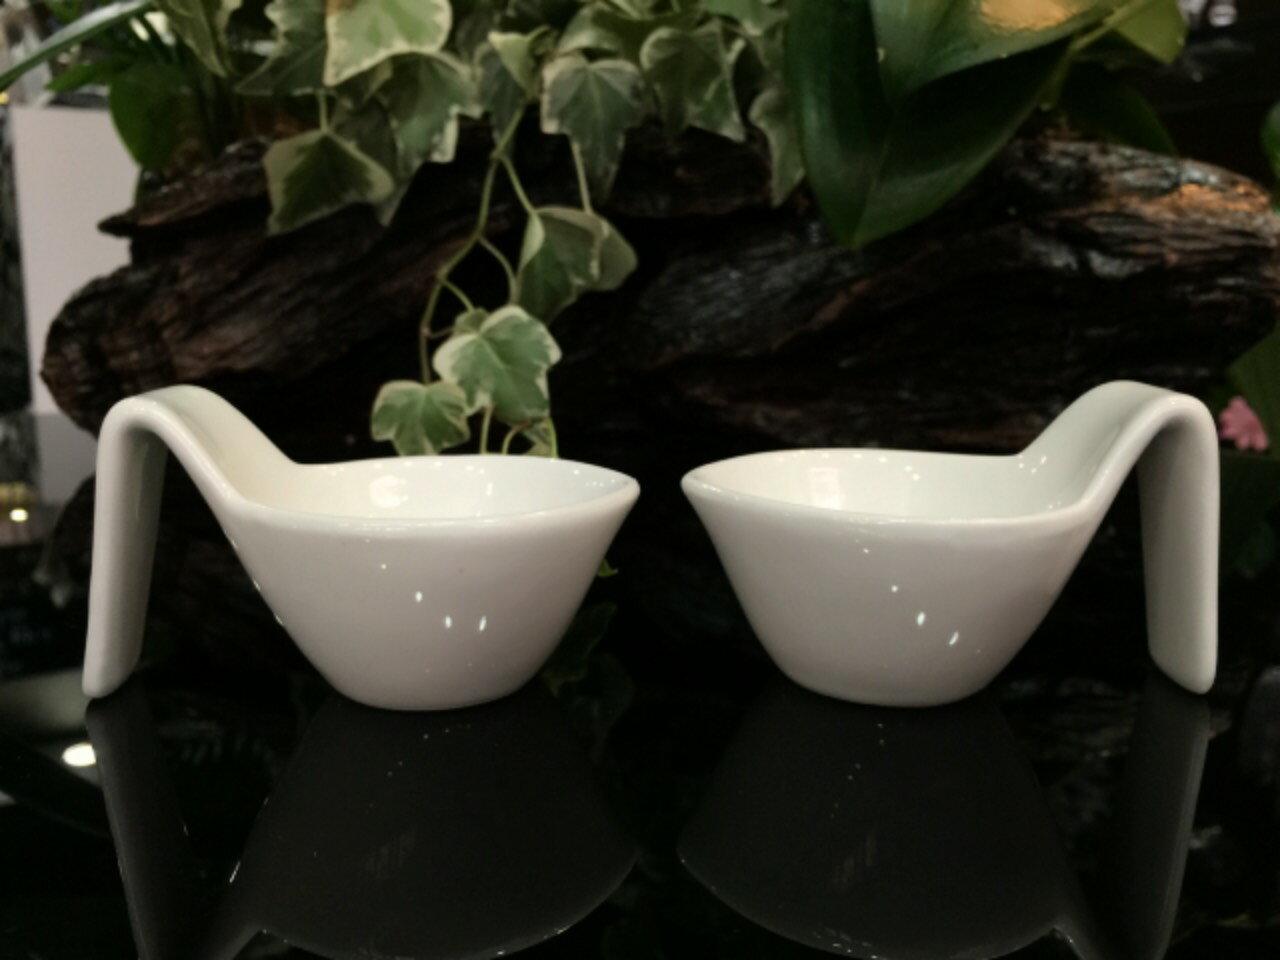 【日本-DULTON】勺型陶瓷調味皿(一組四入)-獨特的勺型設計,既像勺子又像杯子,適合放調味料、小菜、簡單沙拉的裝盤 0